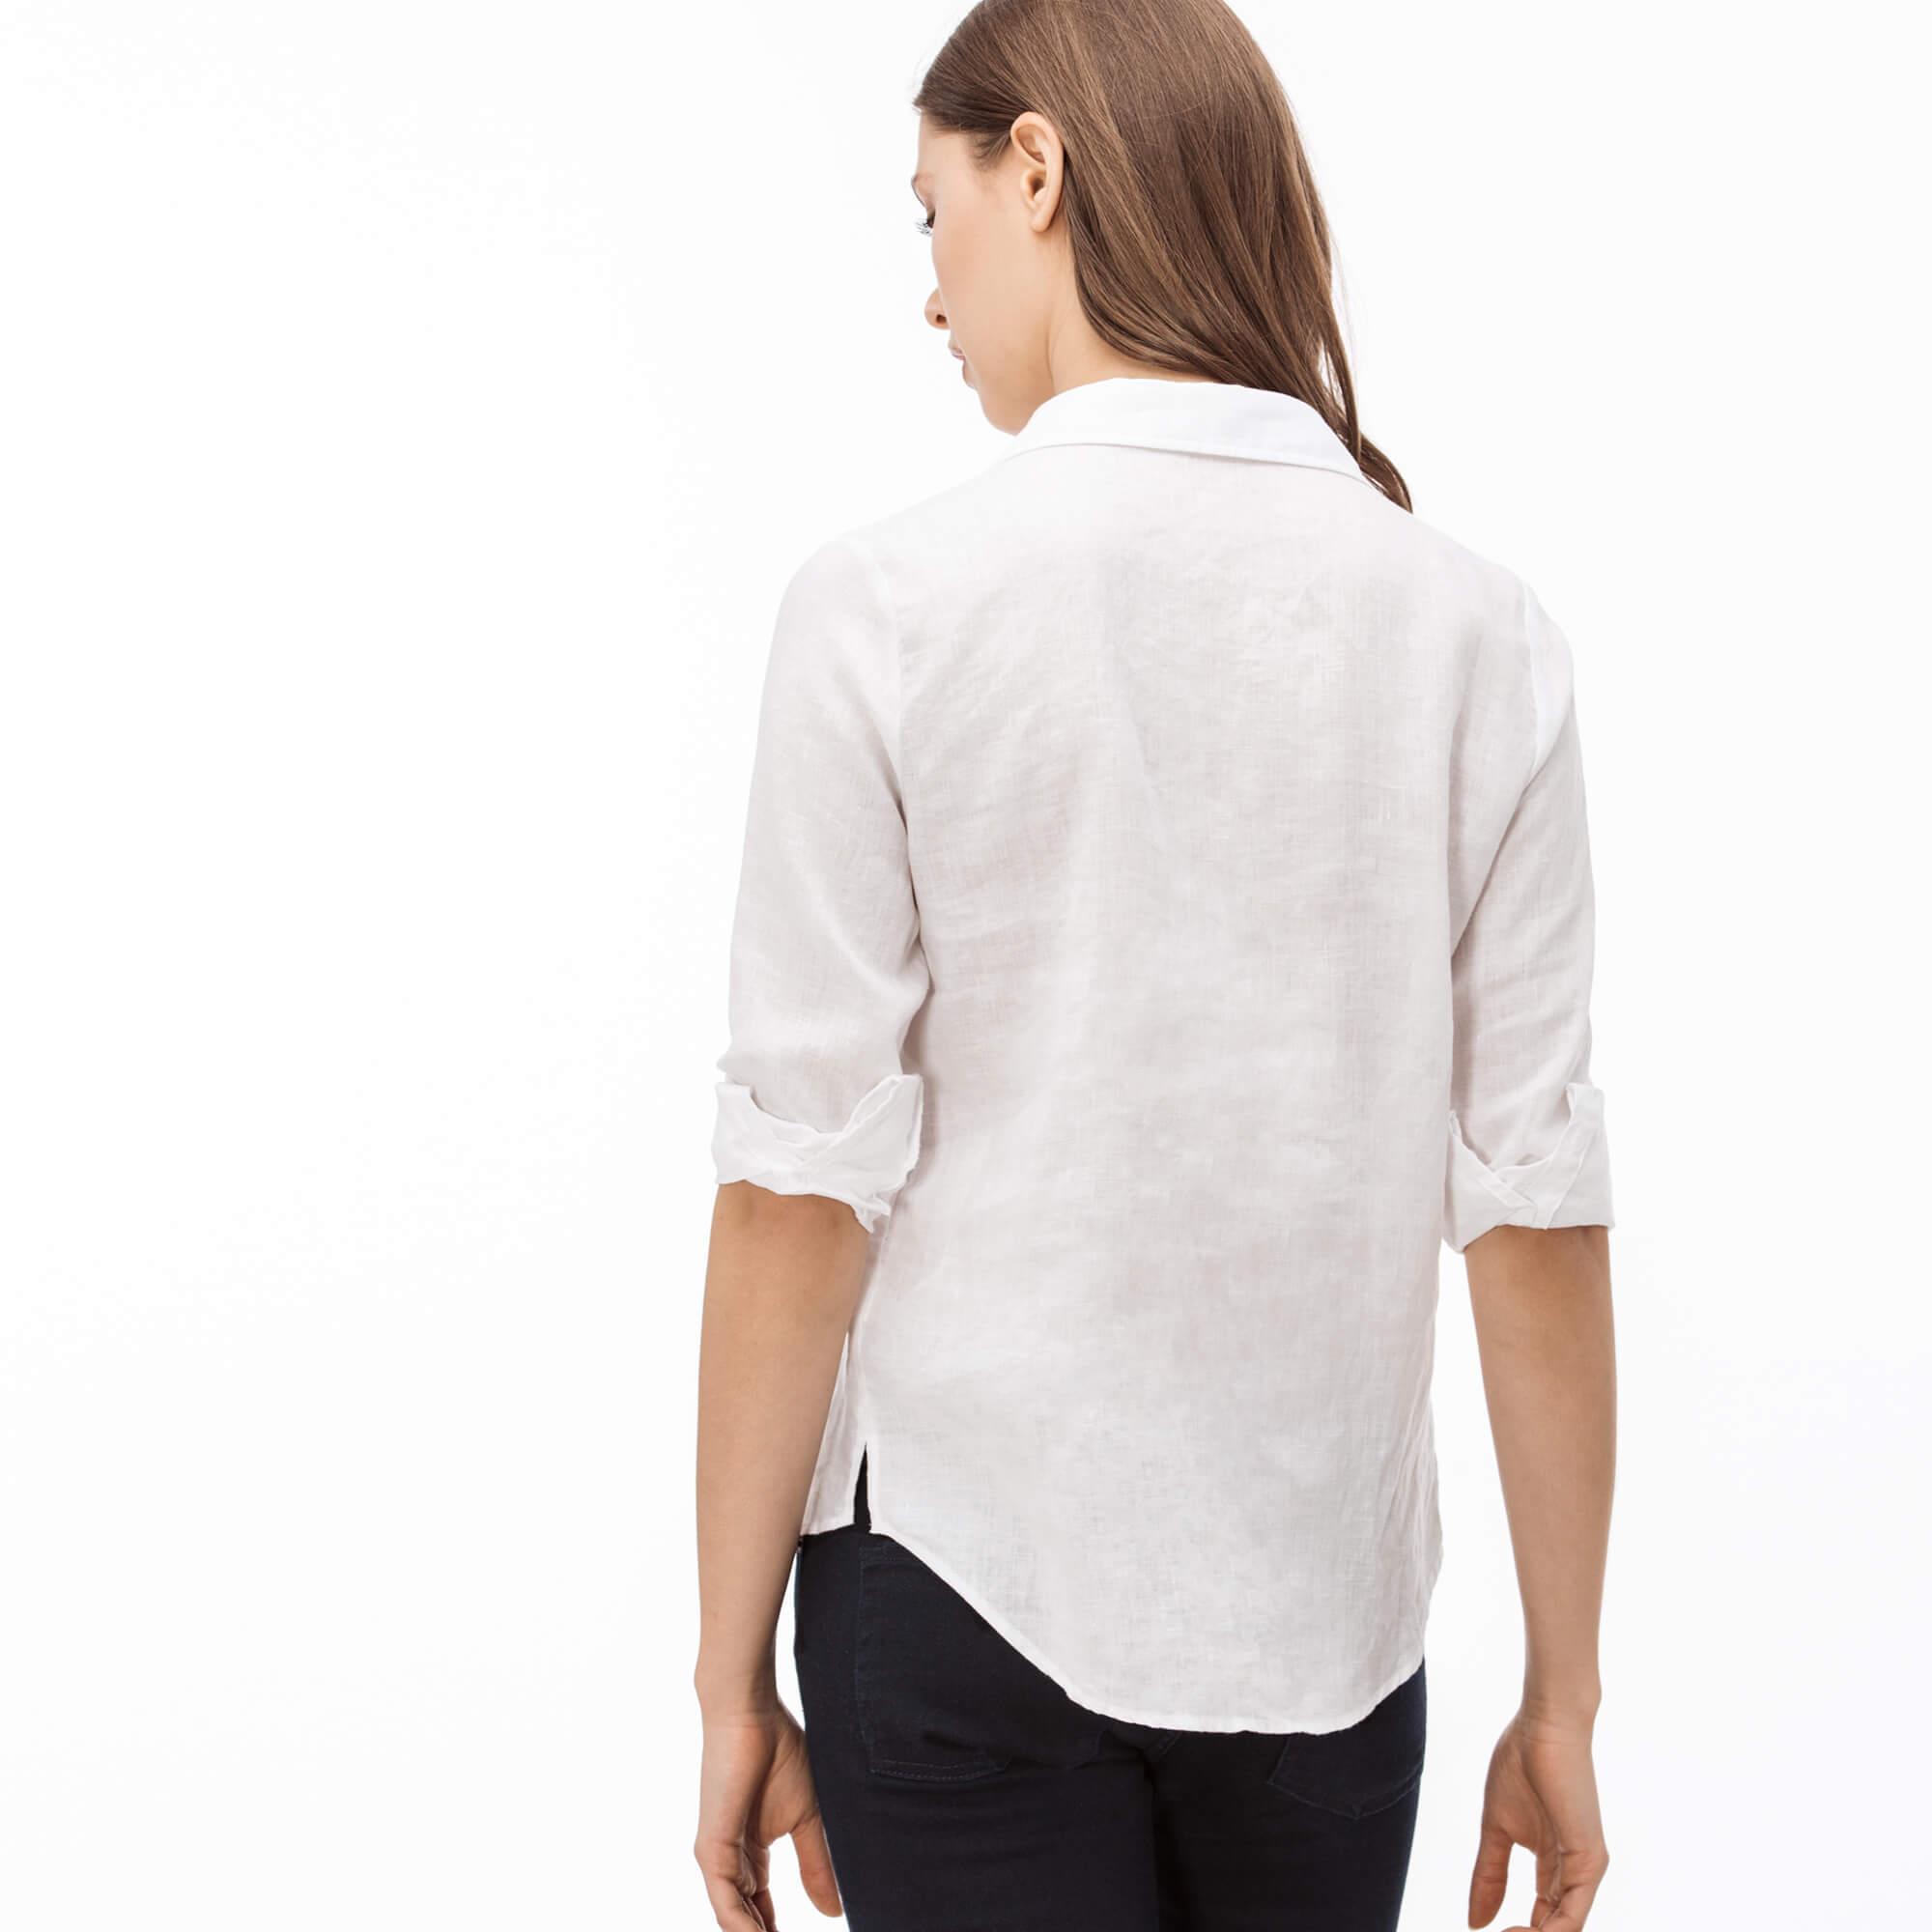 Lacoste Kadın Beyaz Keten Gömlek